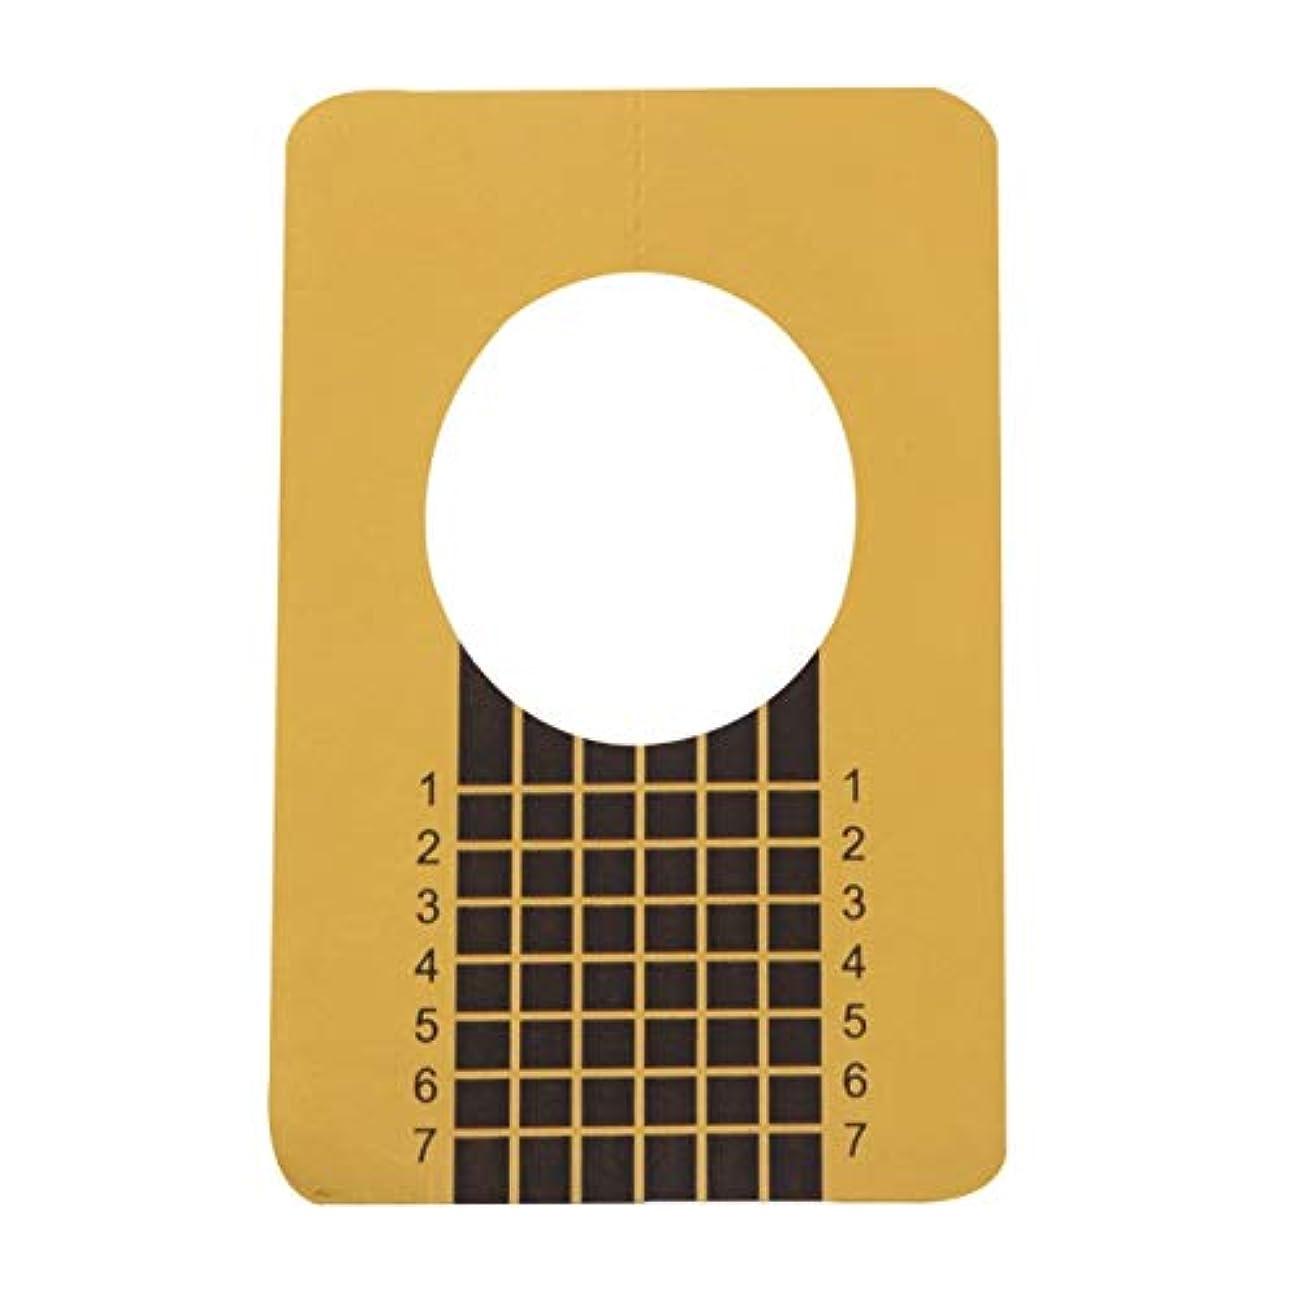 打たれたトラック注ぎます汚れる100ピース/セットプロフェッショナルネイルツールのヒントネイルアートガイドフォームアクリルチップジェルエクステンションステッカーネイルポリッシュカールフォームゴールド(色:金色)